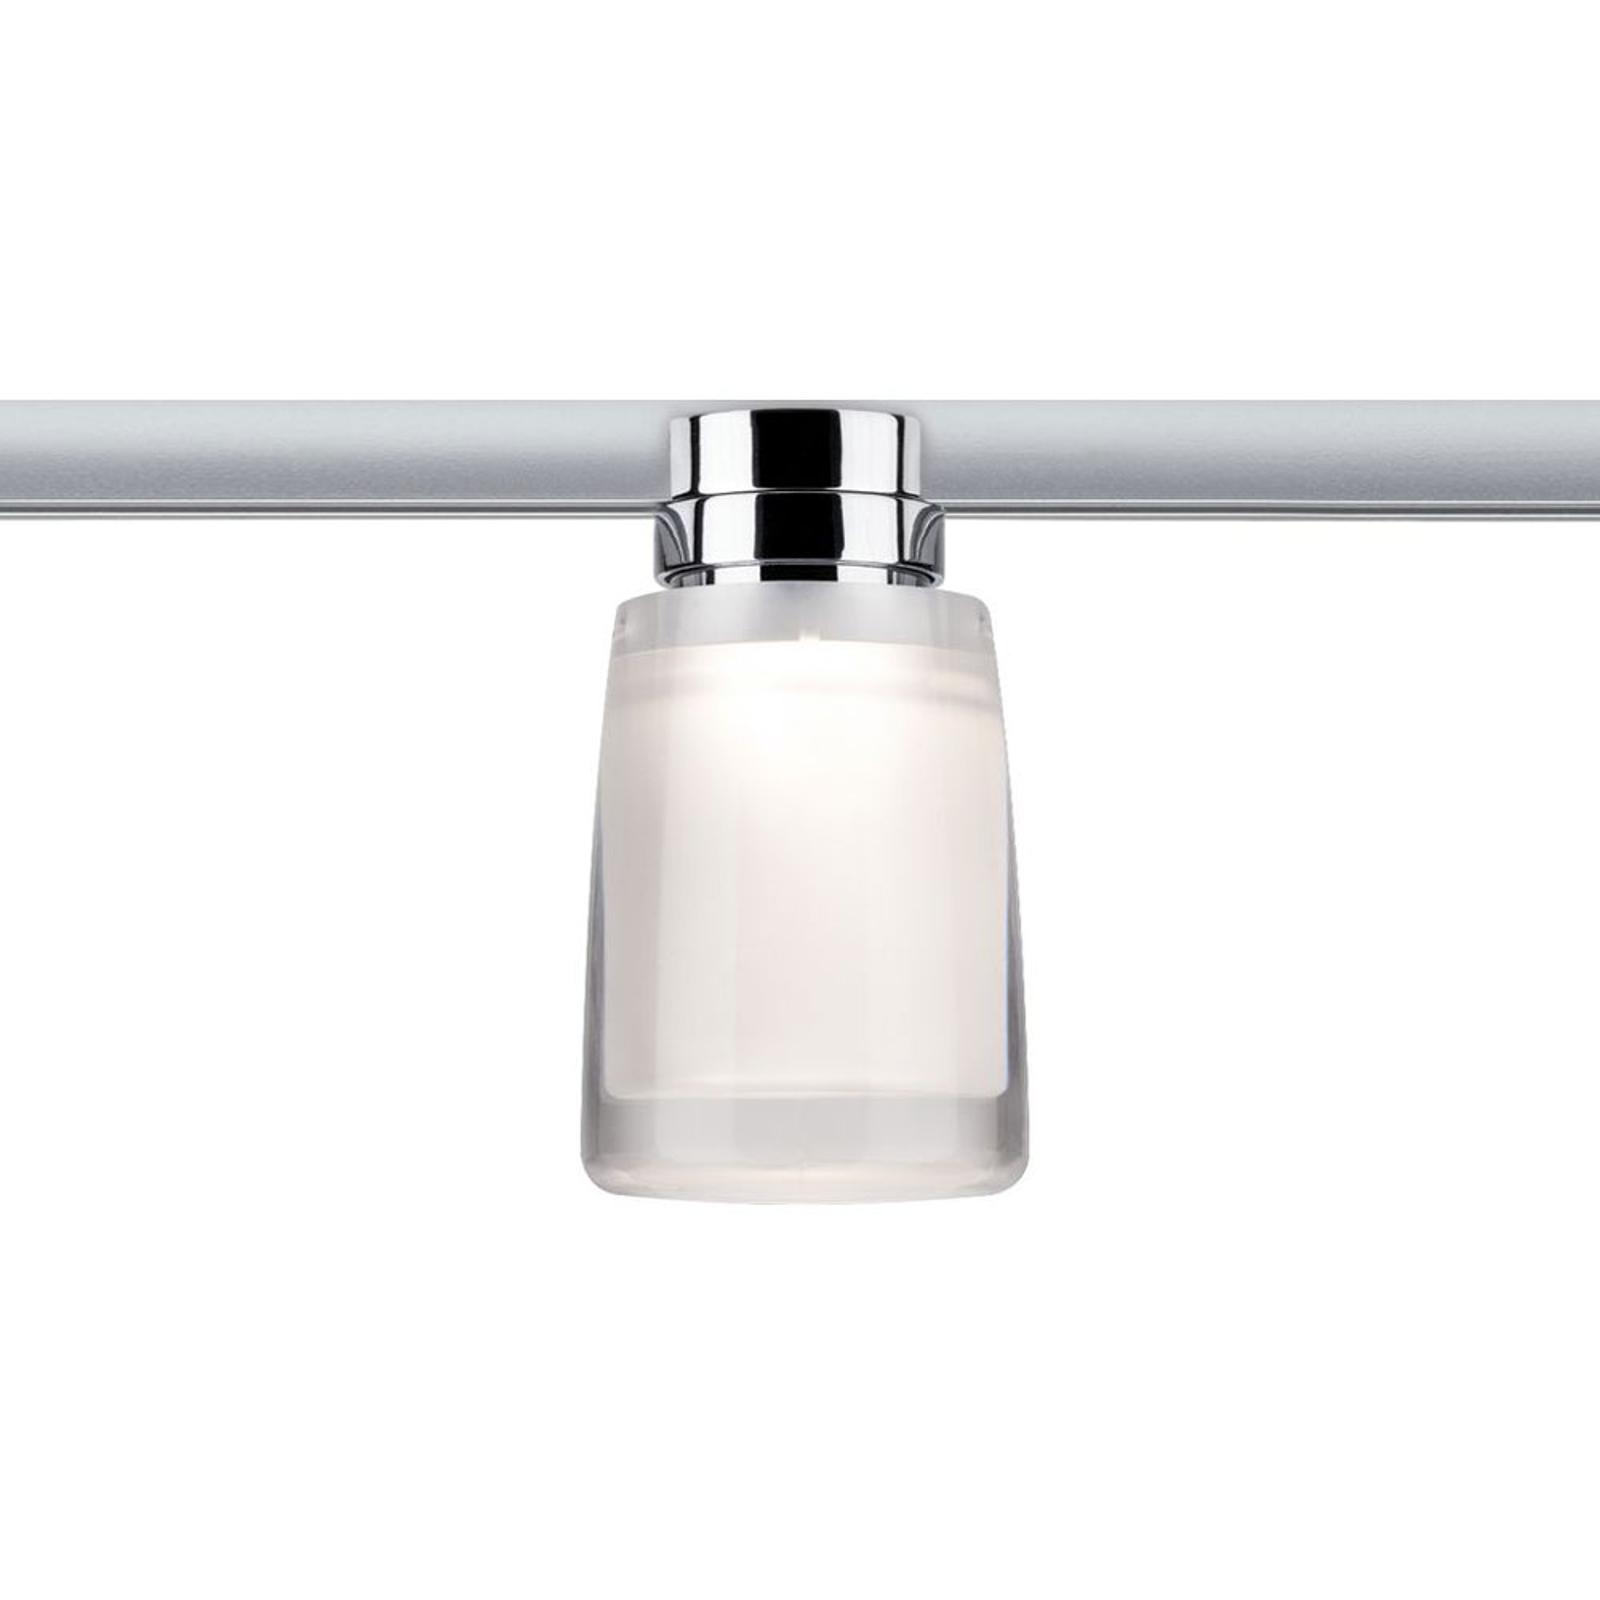 Paulmann URail Safira LED spot met acrylkap